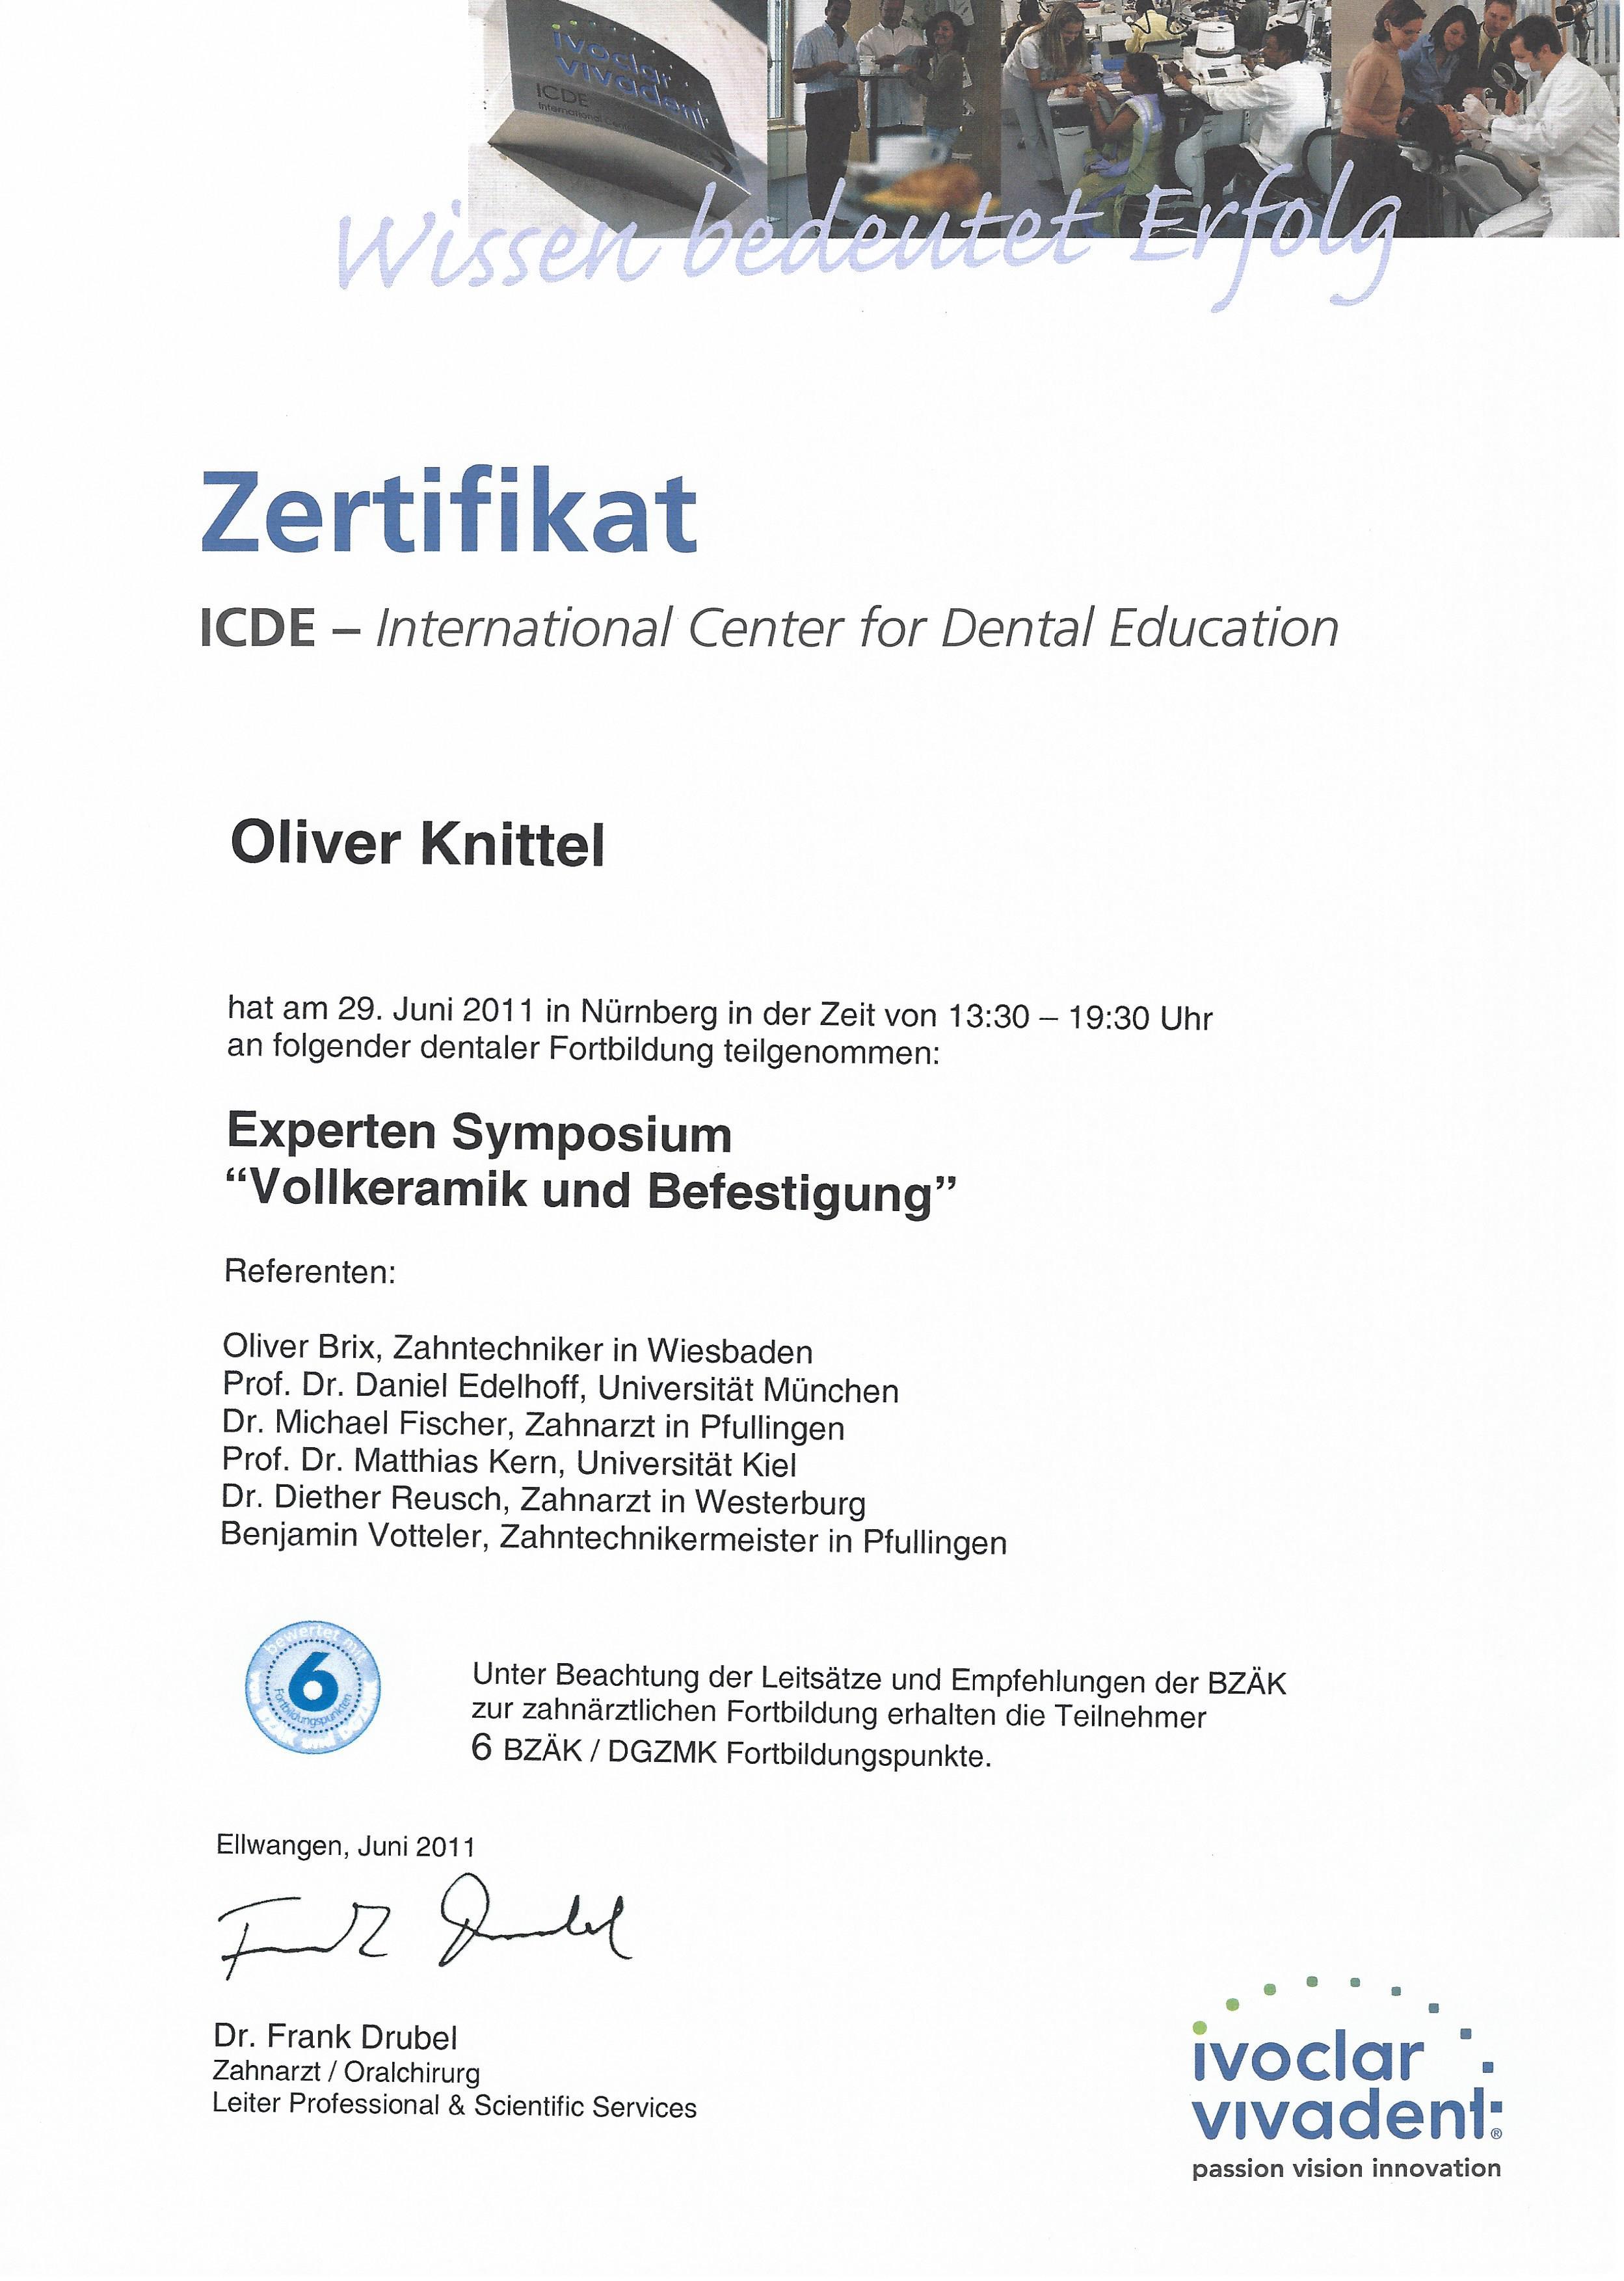 Zertifikat Helmut Knittel